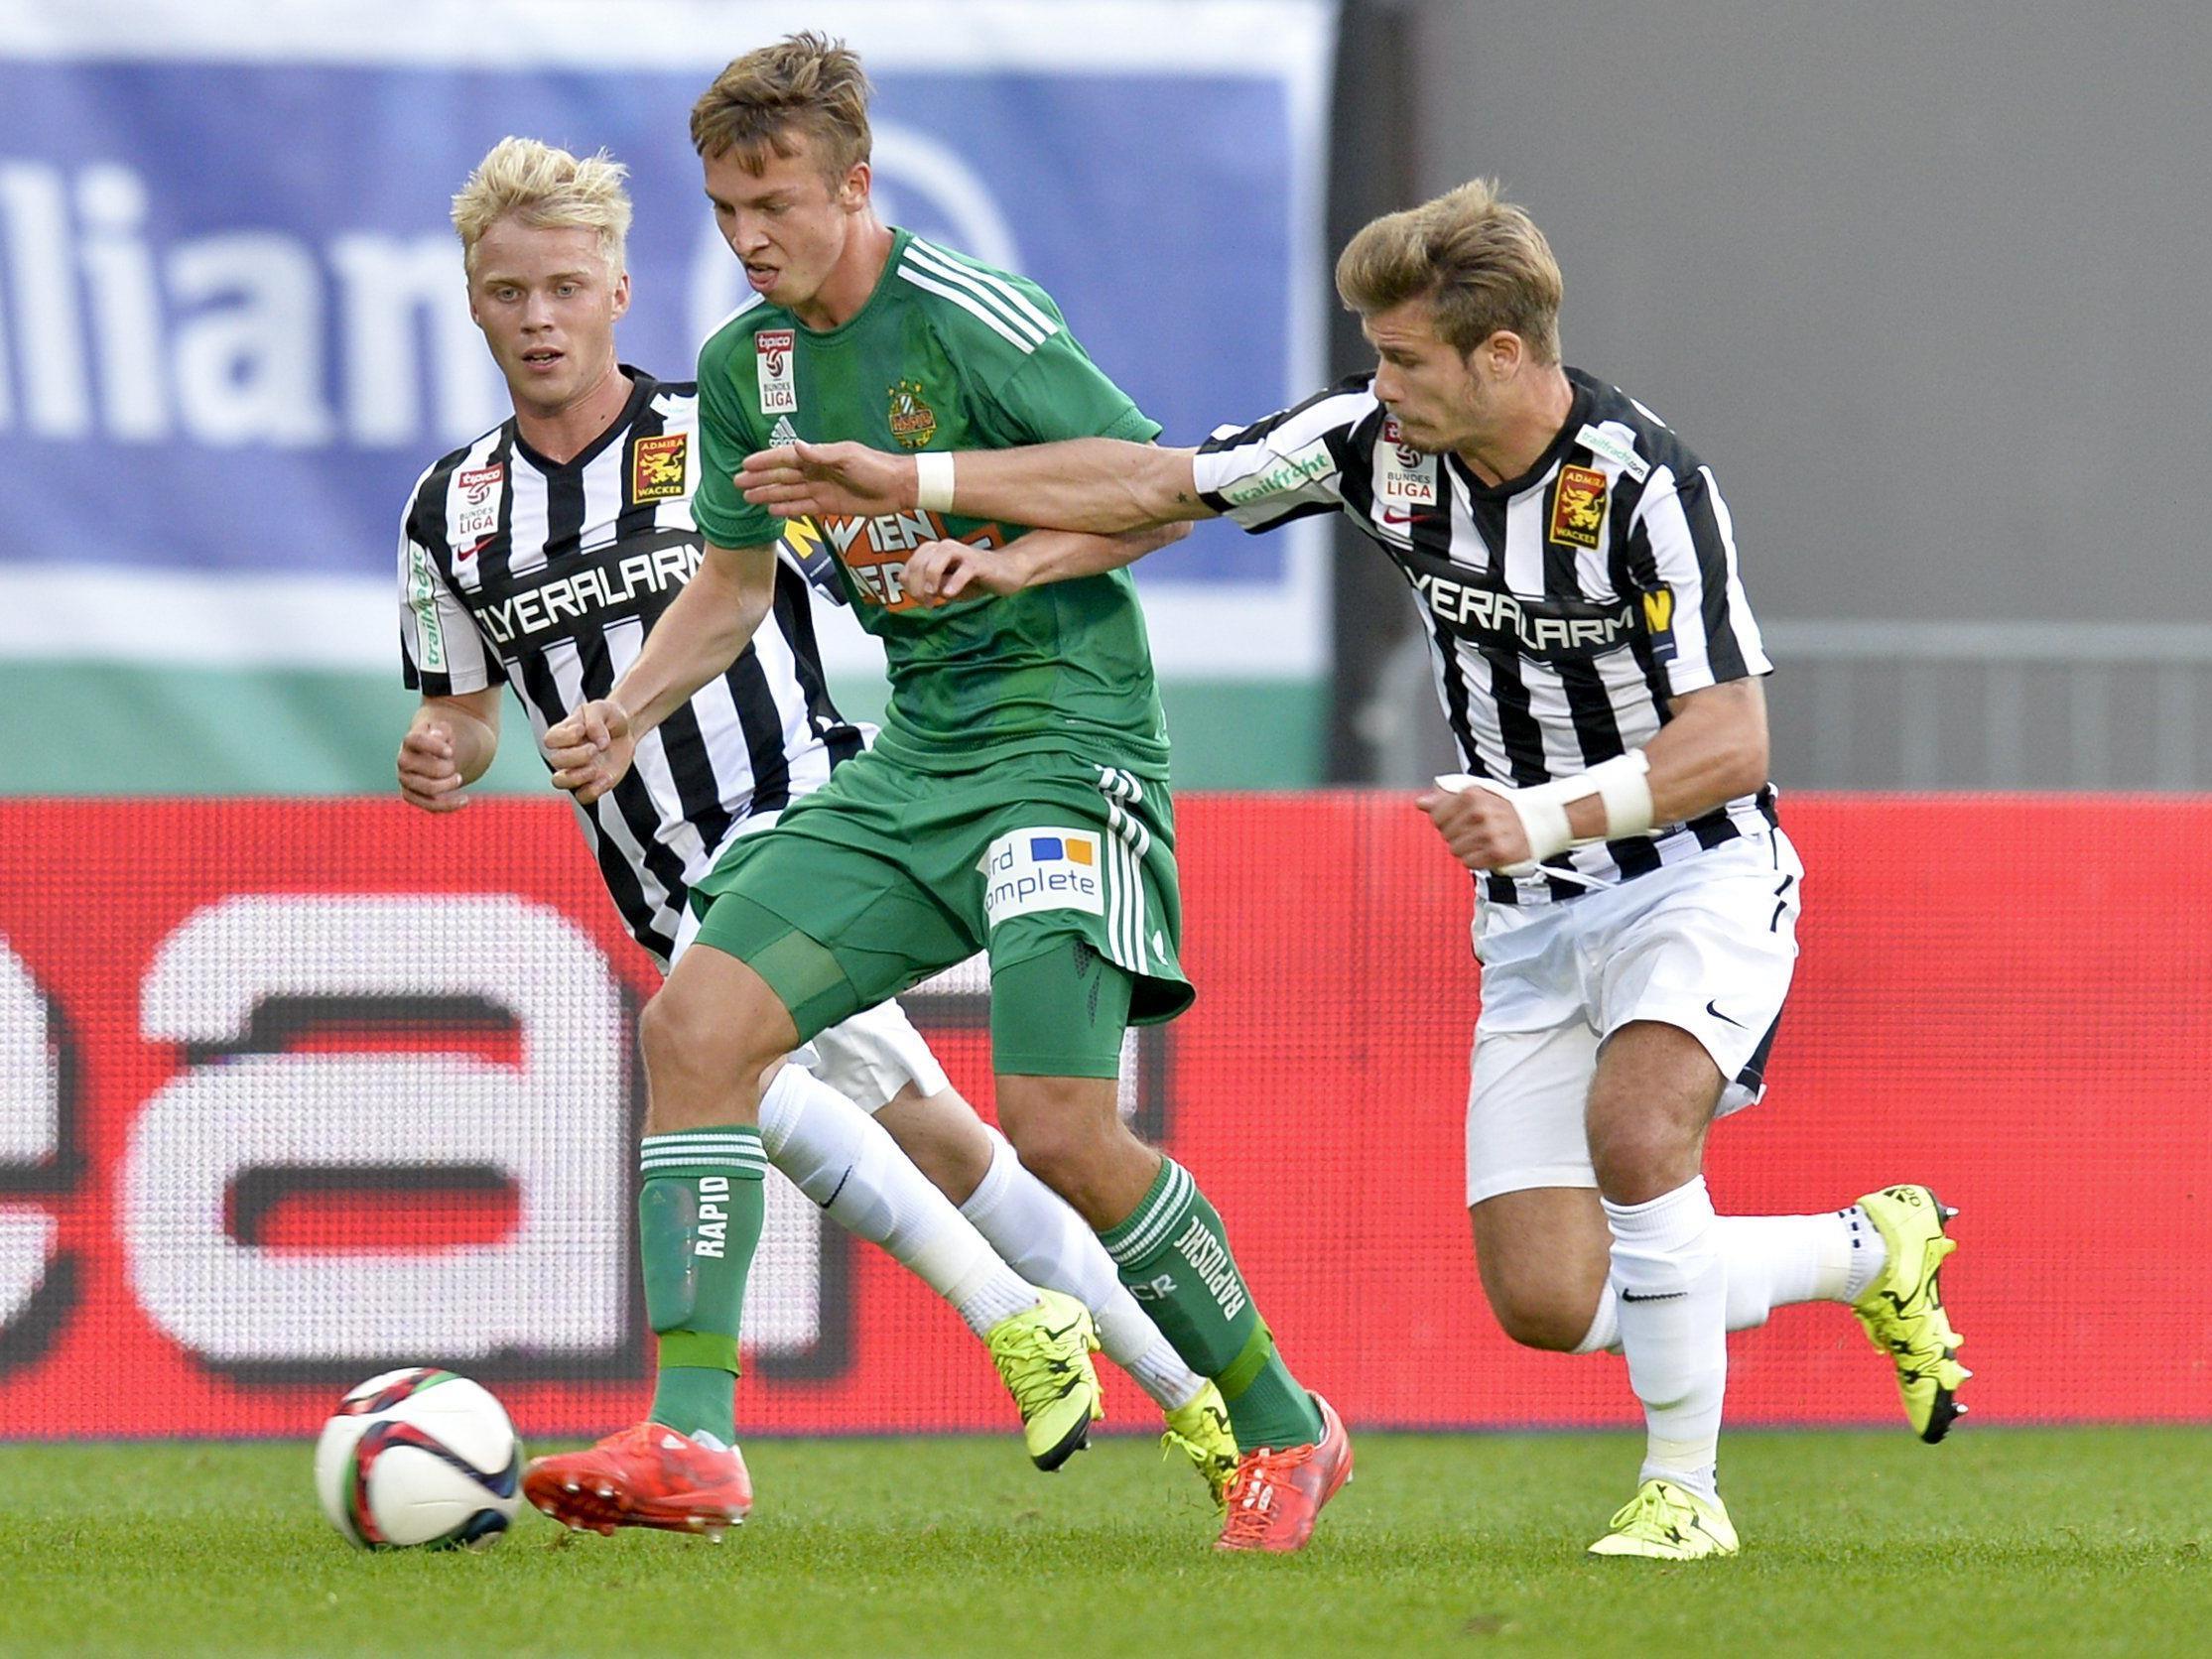 LIVE-Ticker zum Spiel FC Admira Wacker Mödling gegen SK Rapid Wien ab 18.30 Uhr.